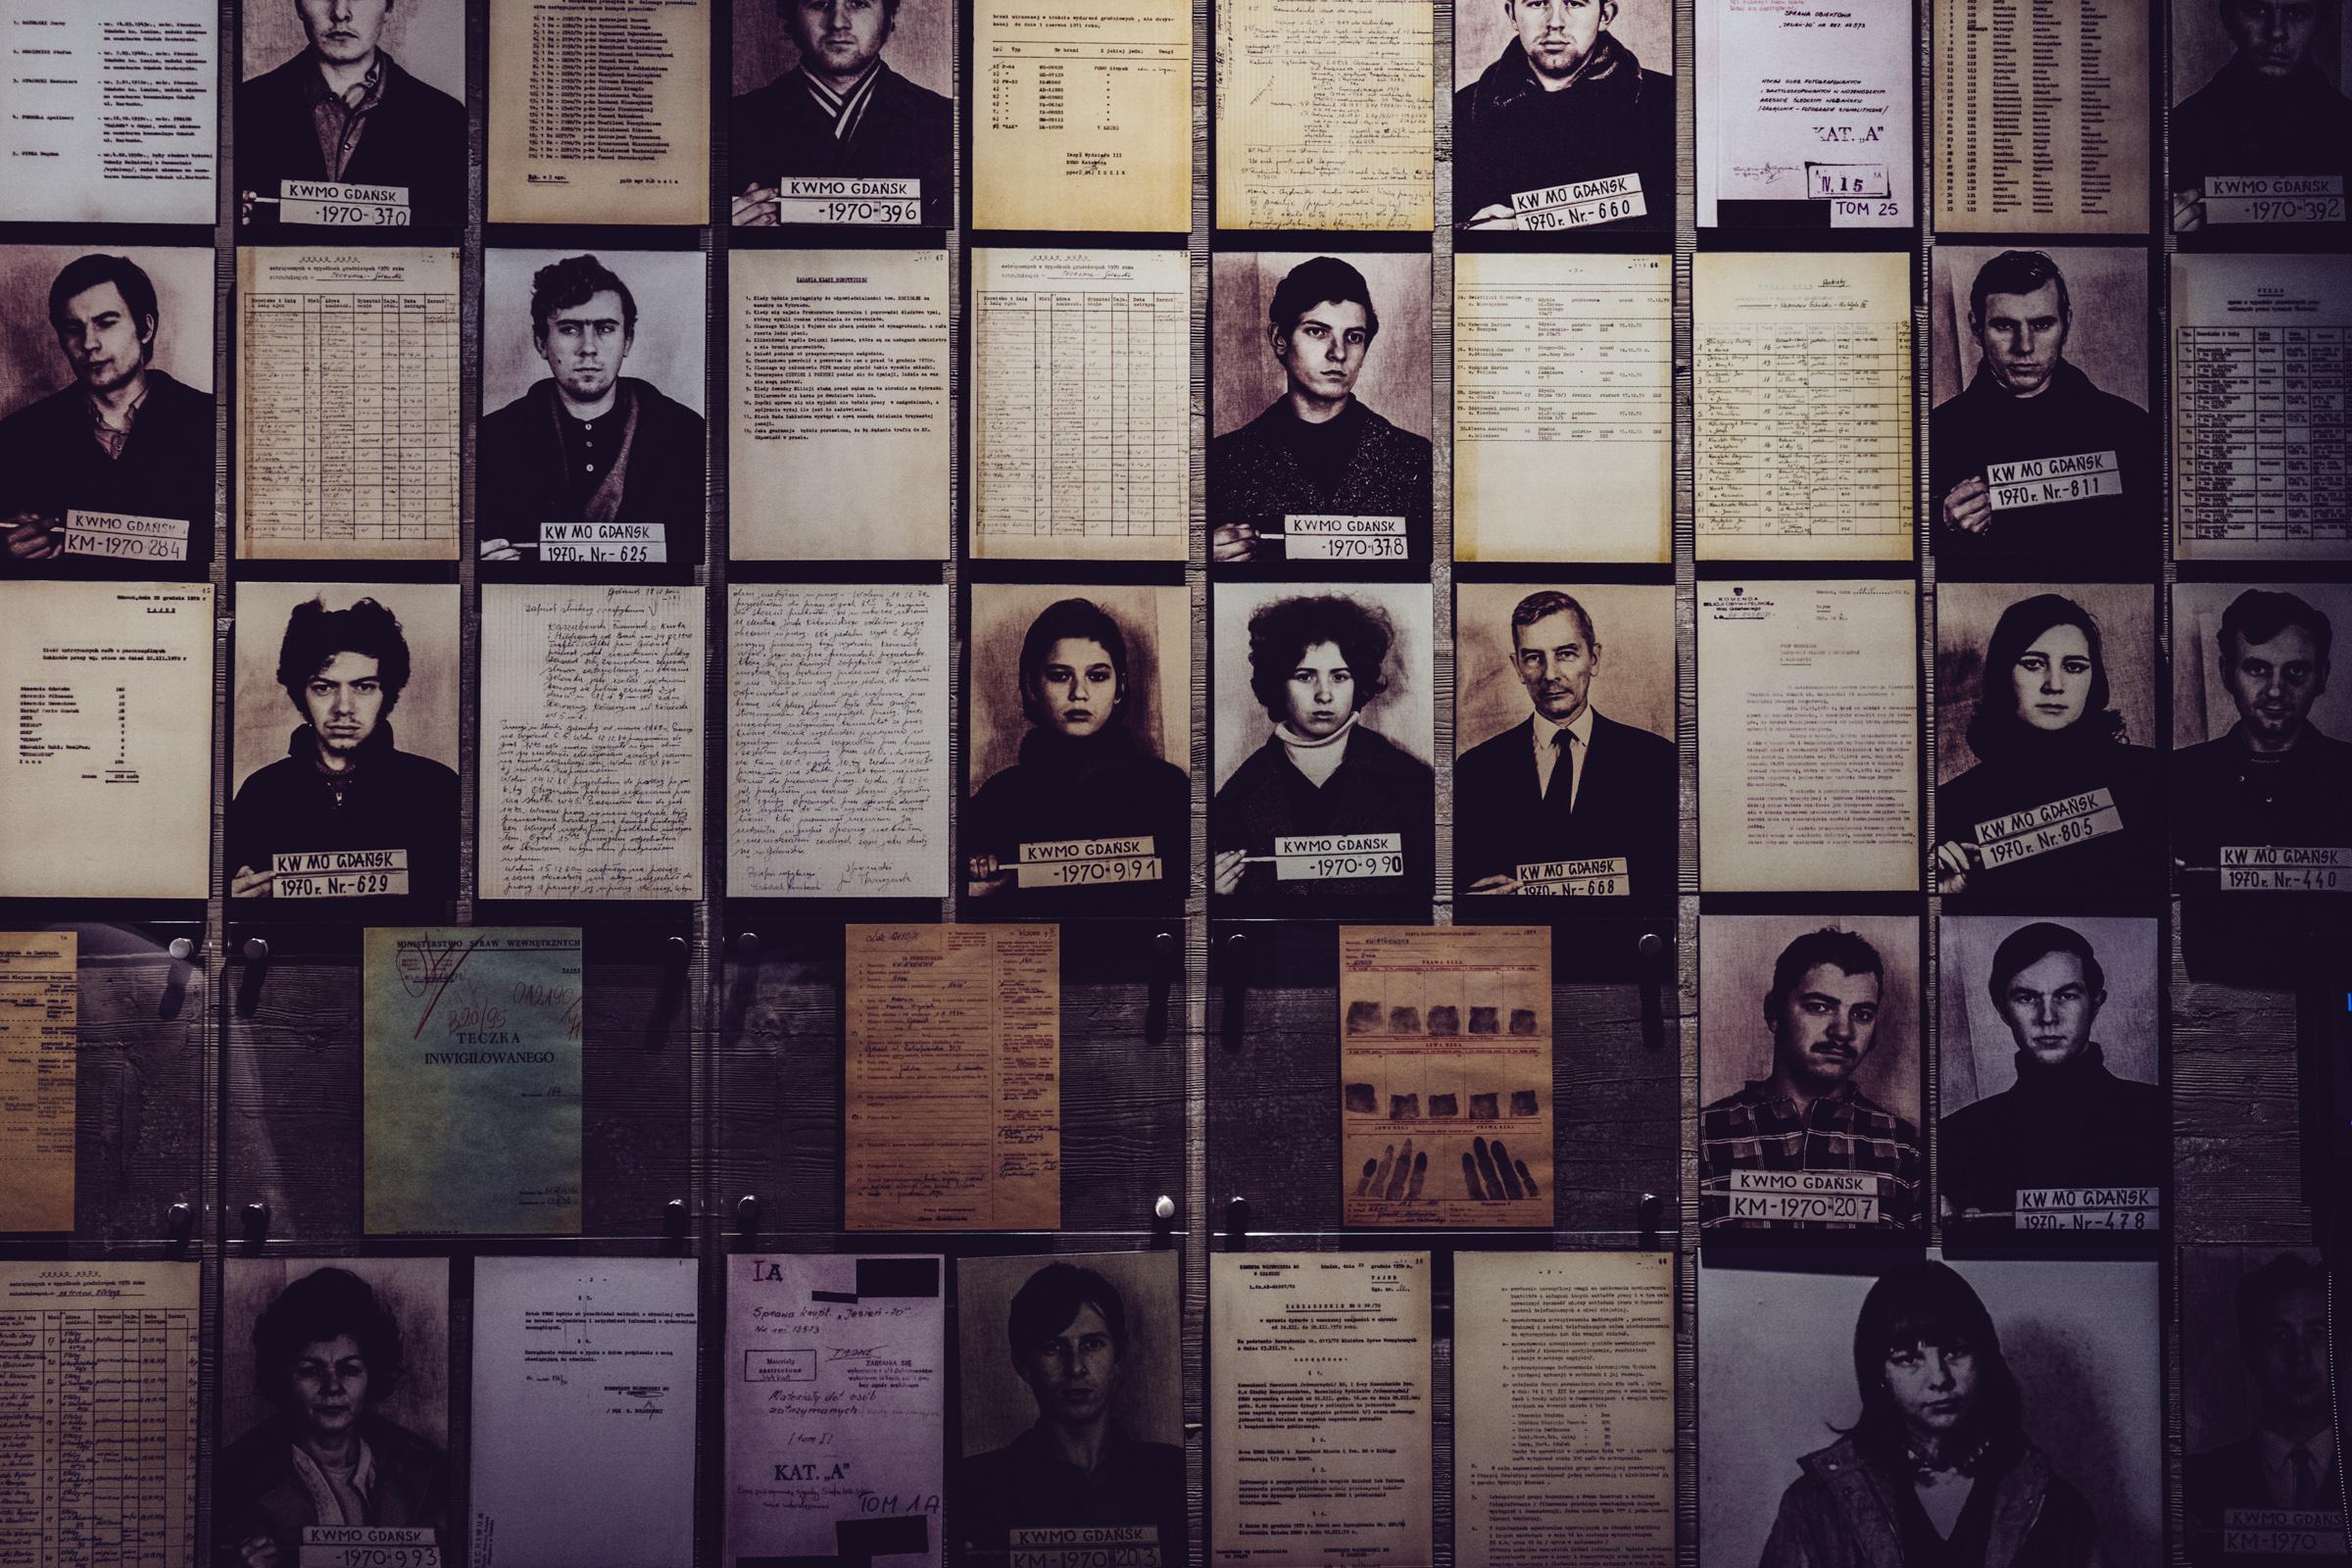 Les victimes des émeutes de 1970 au Centre de la Solidarité Européenne à Gdansk - Pologne